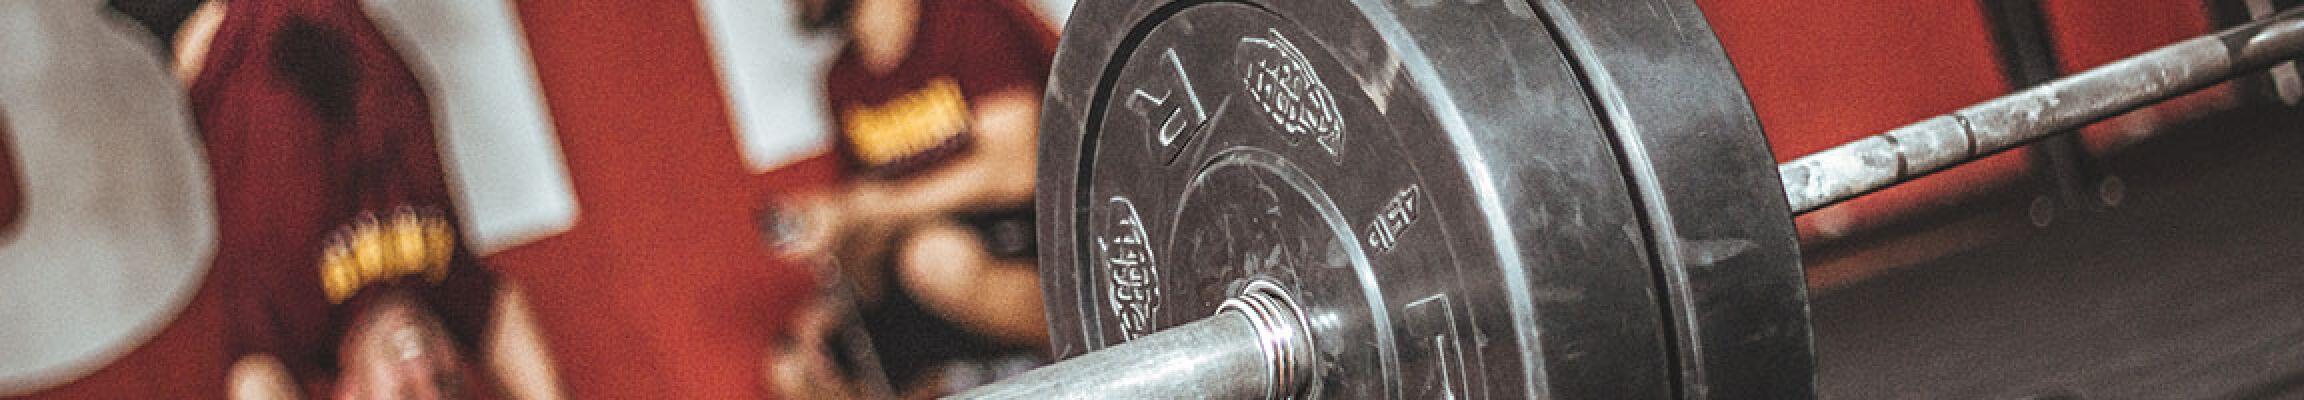 Ist mehr Training gleichzusetzen mit mehr Muskelaufbau?